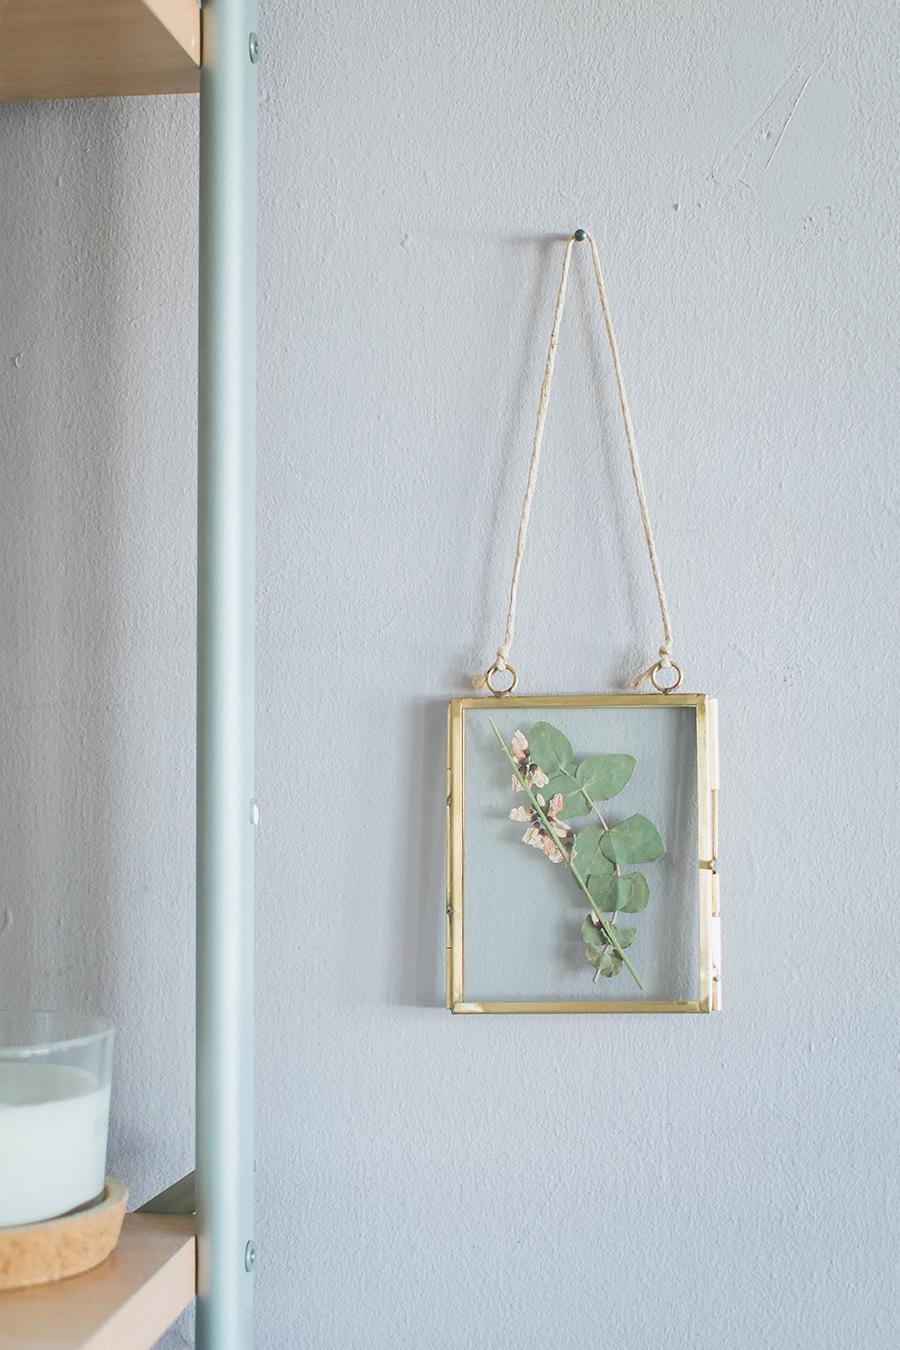 DIY Pressed Flower Frame Tutorial End Result